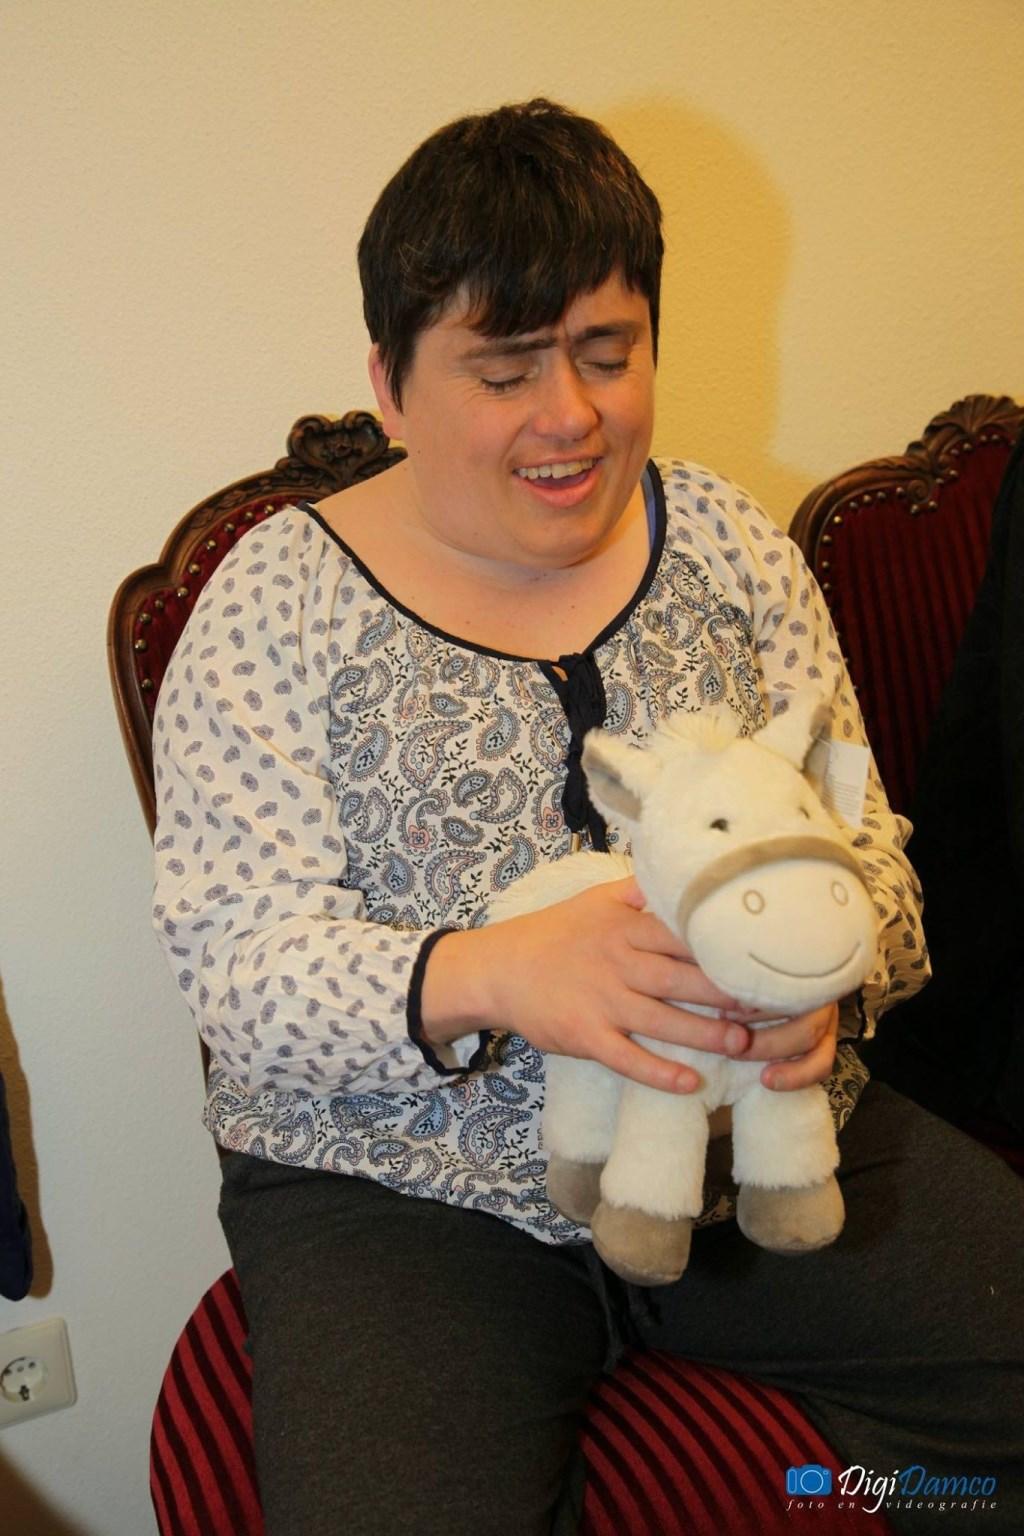 Mevrouw Koelewijn was blij met haar gewonnen knuffelpaard. (Foto: Wilko van Dam)  ©